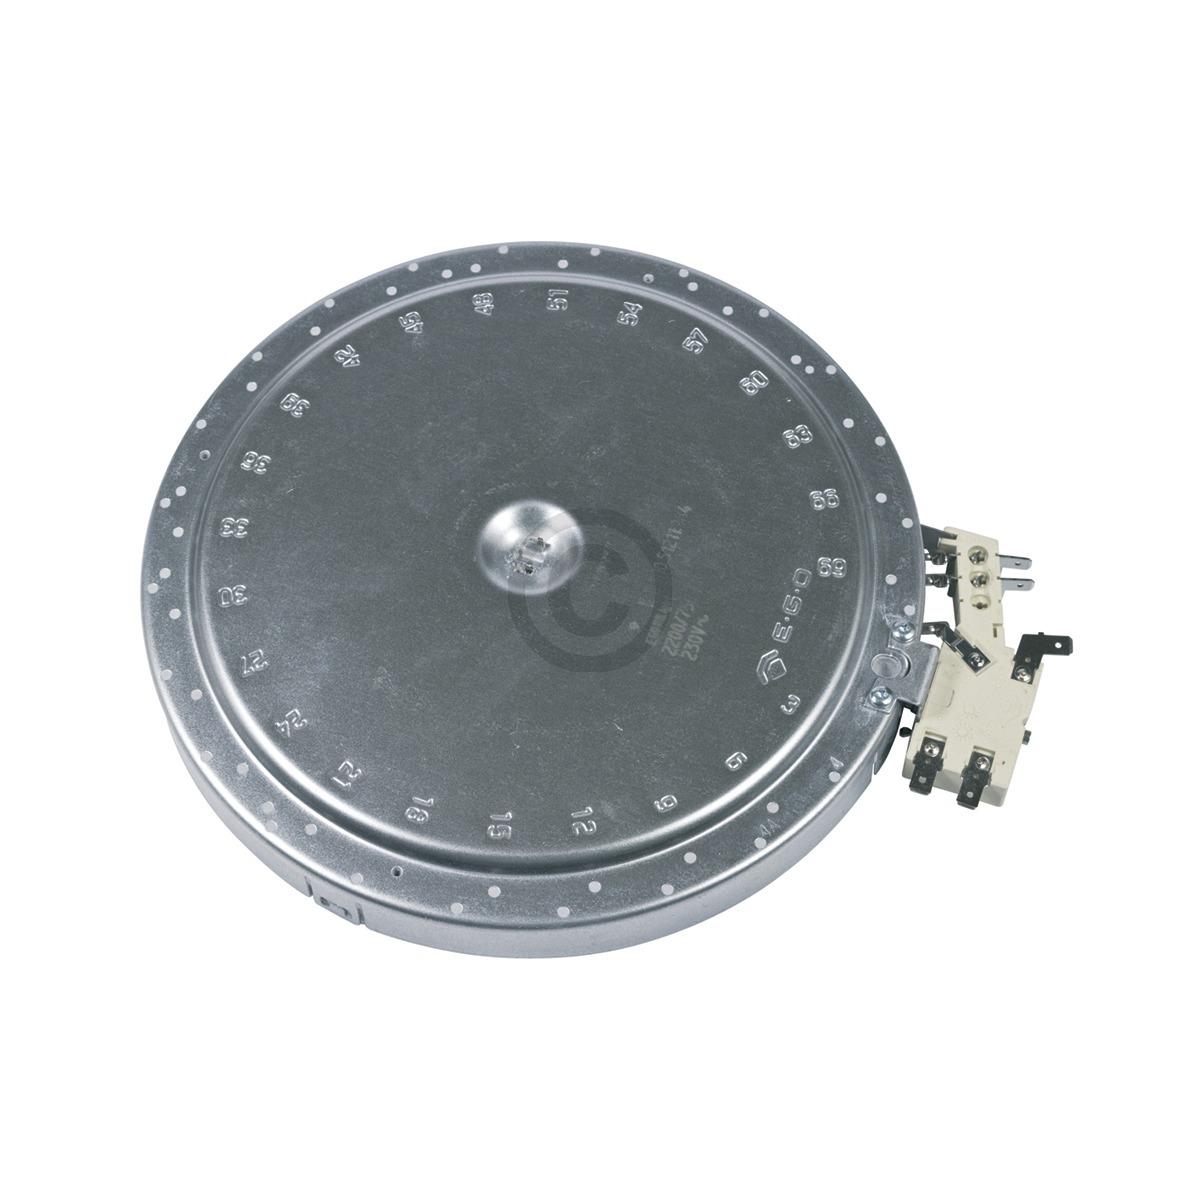 Strahlheizkörper AEG 14005732101/4 Zweikreis 205/120mm EGO 10.51211.084 für